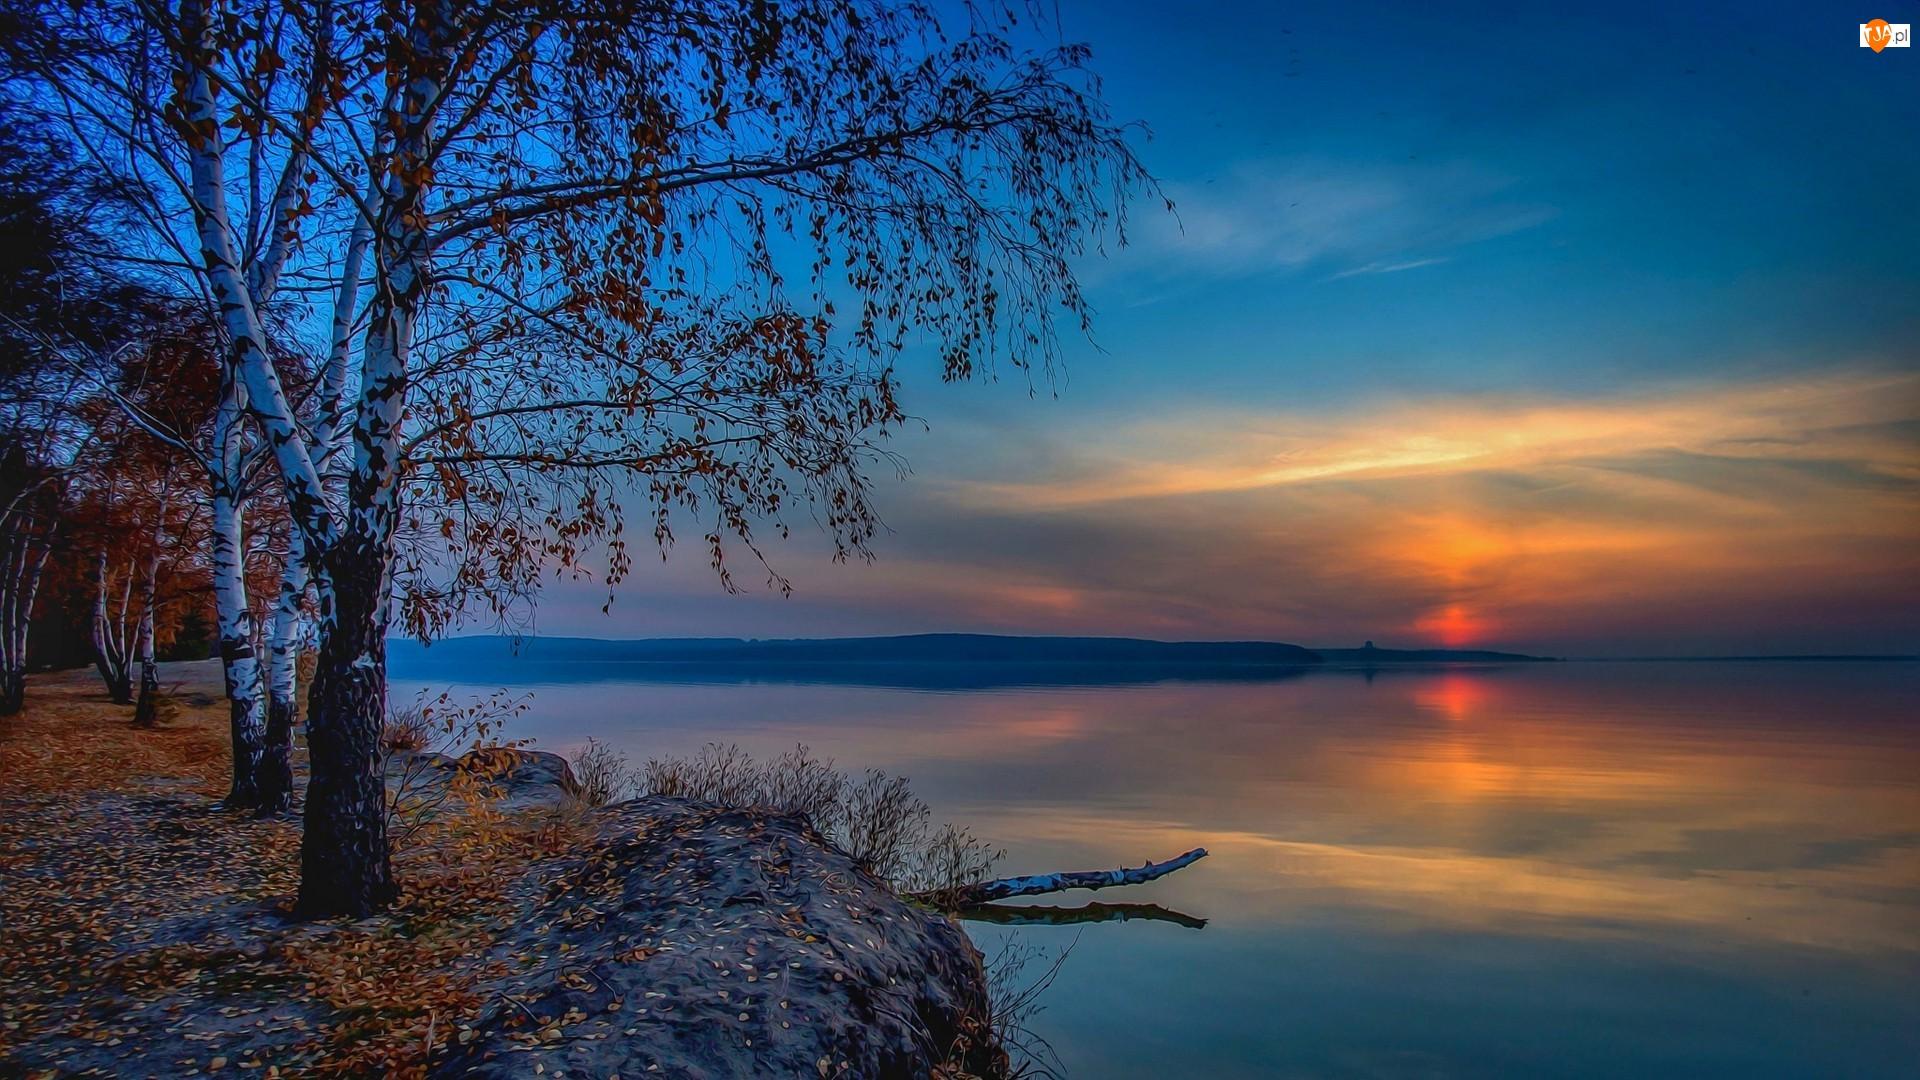 Jezioro, Brzoza, Zachód słońca, Fractalius